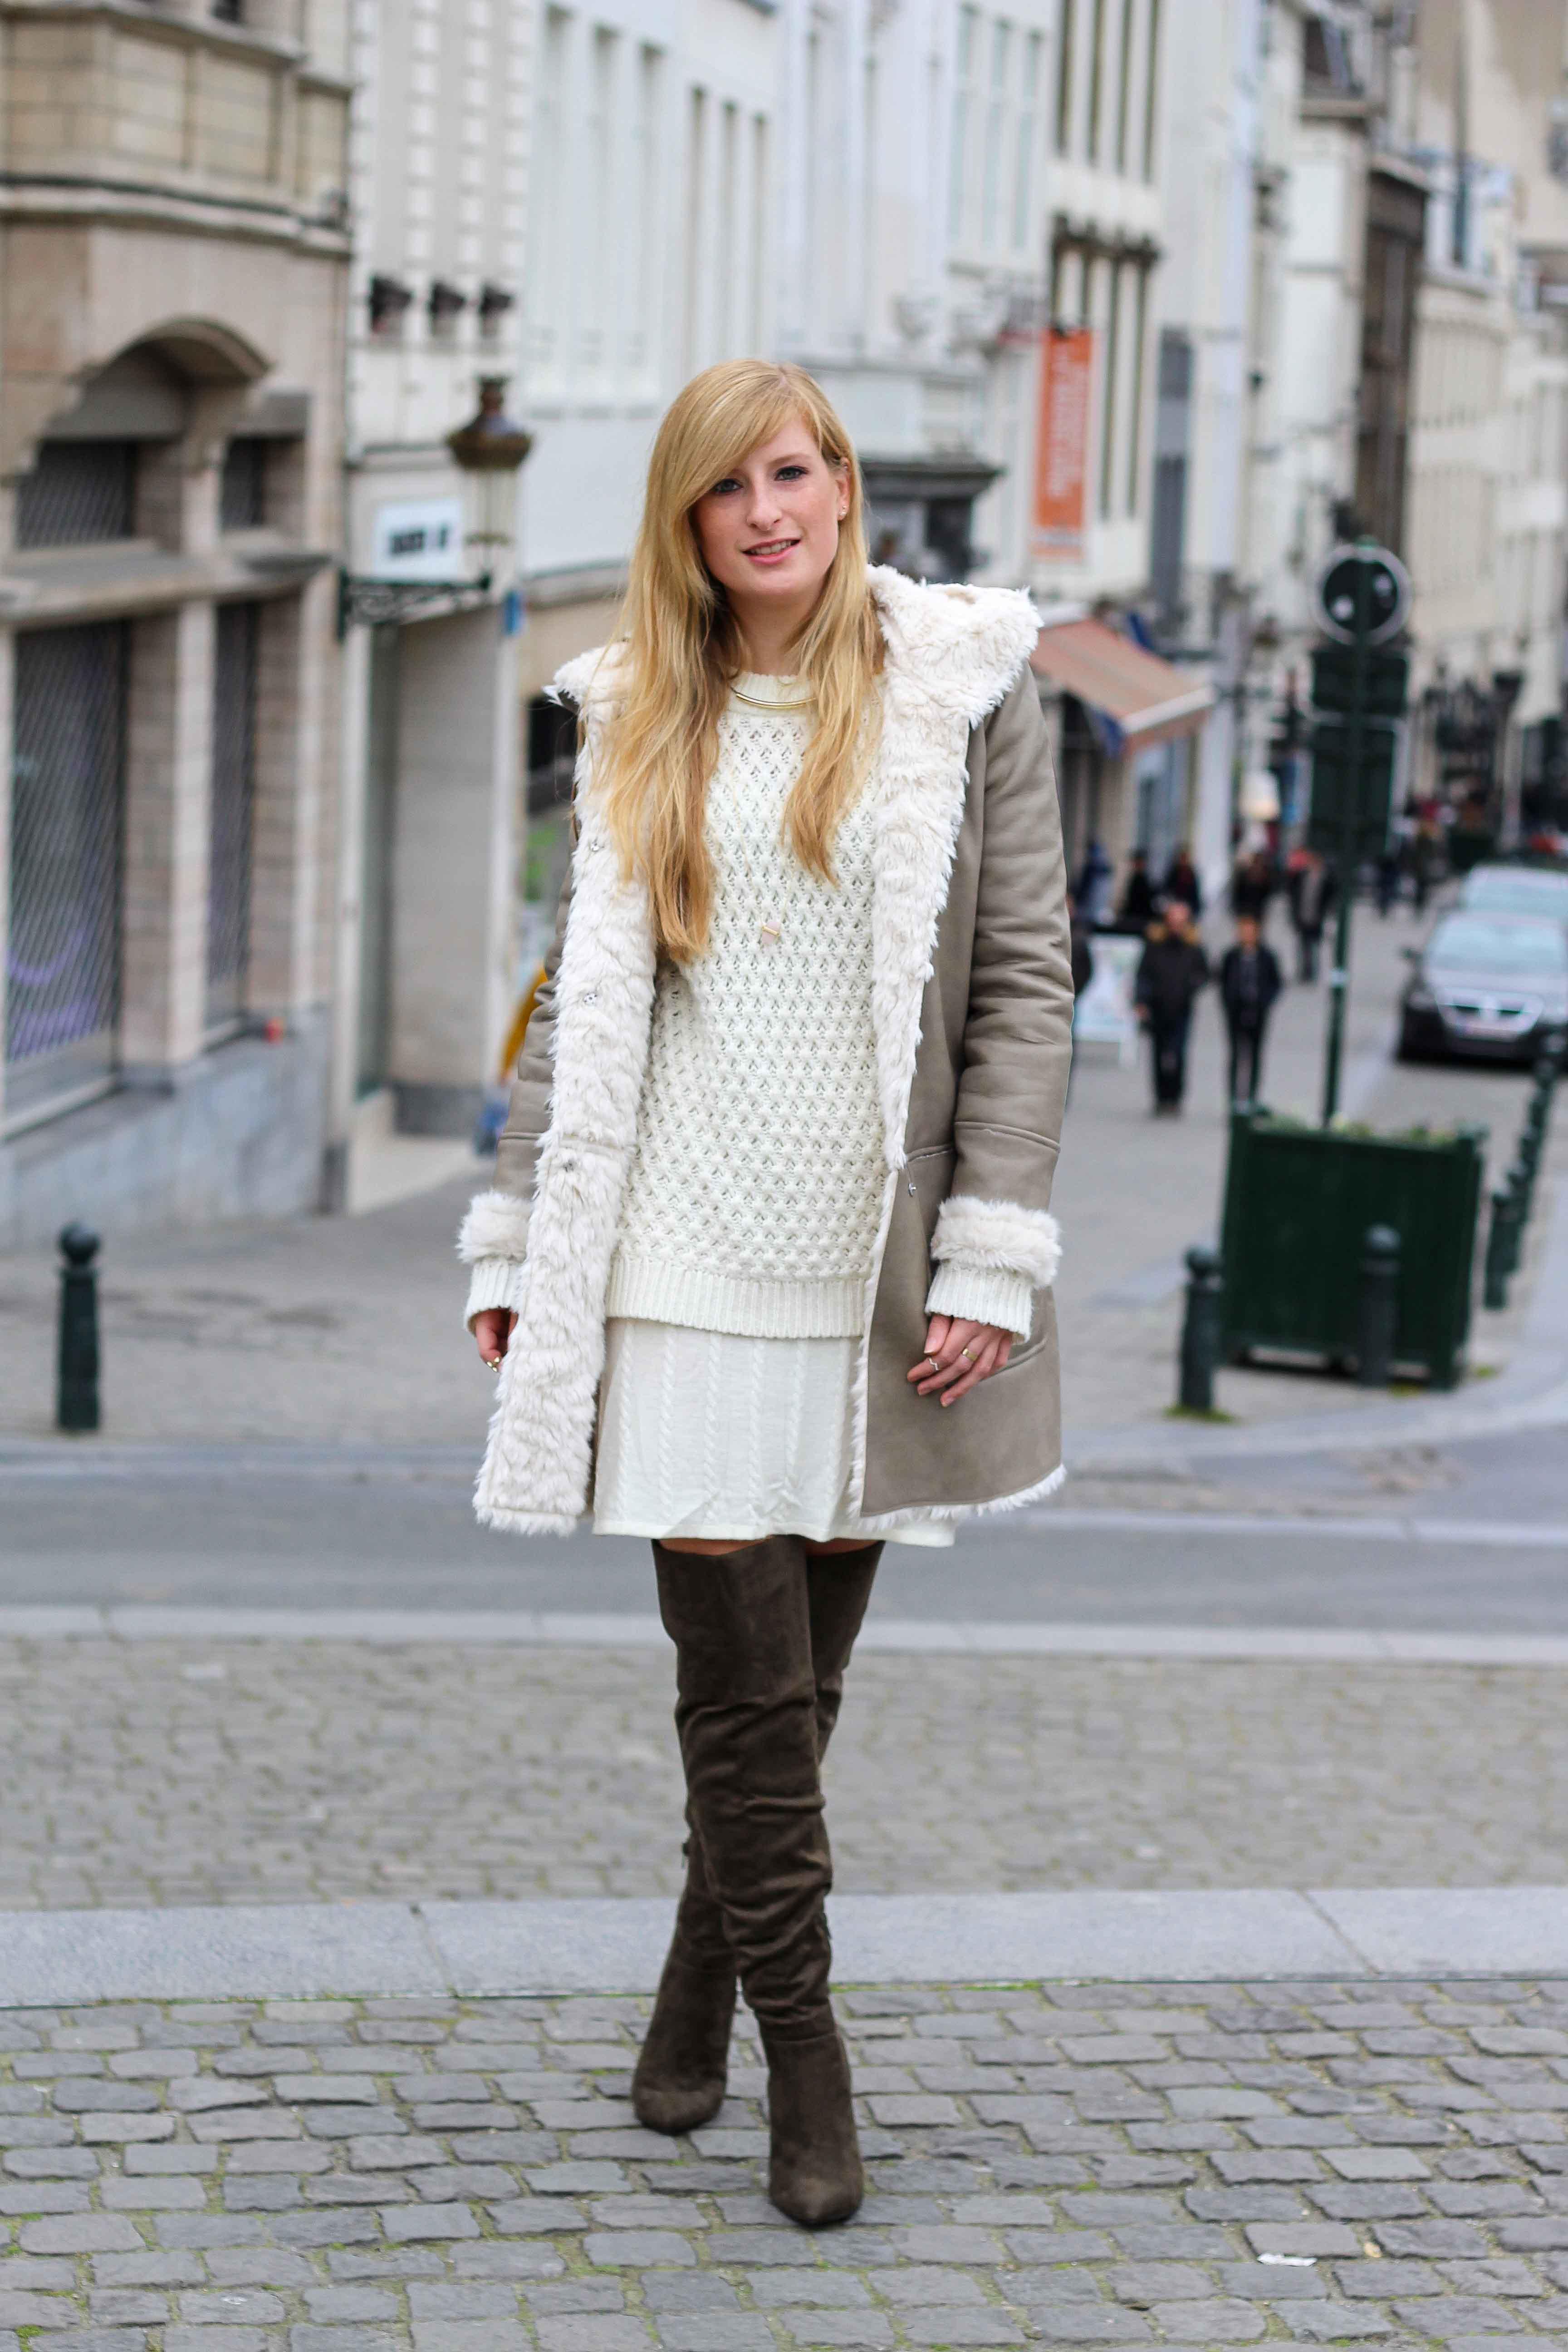 Grüne Overknees Zara Ledermantel Overknee Stiefel Nude Wollkleid Fashion Look Modeblog 4